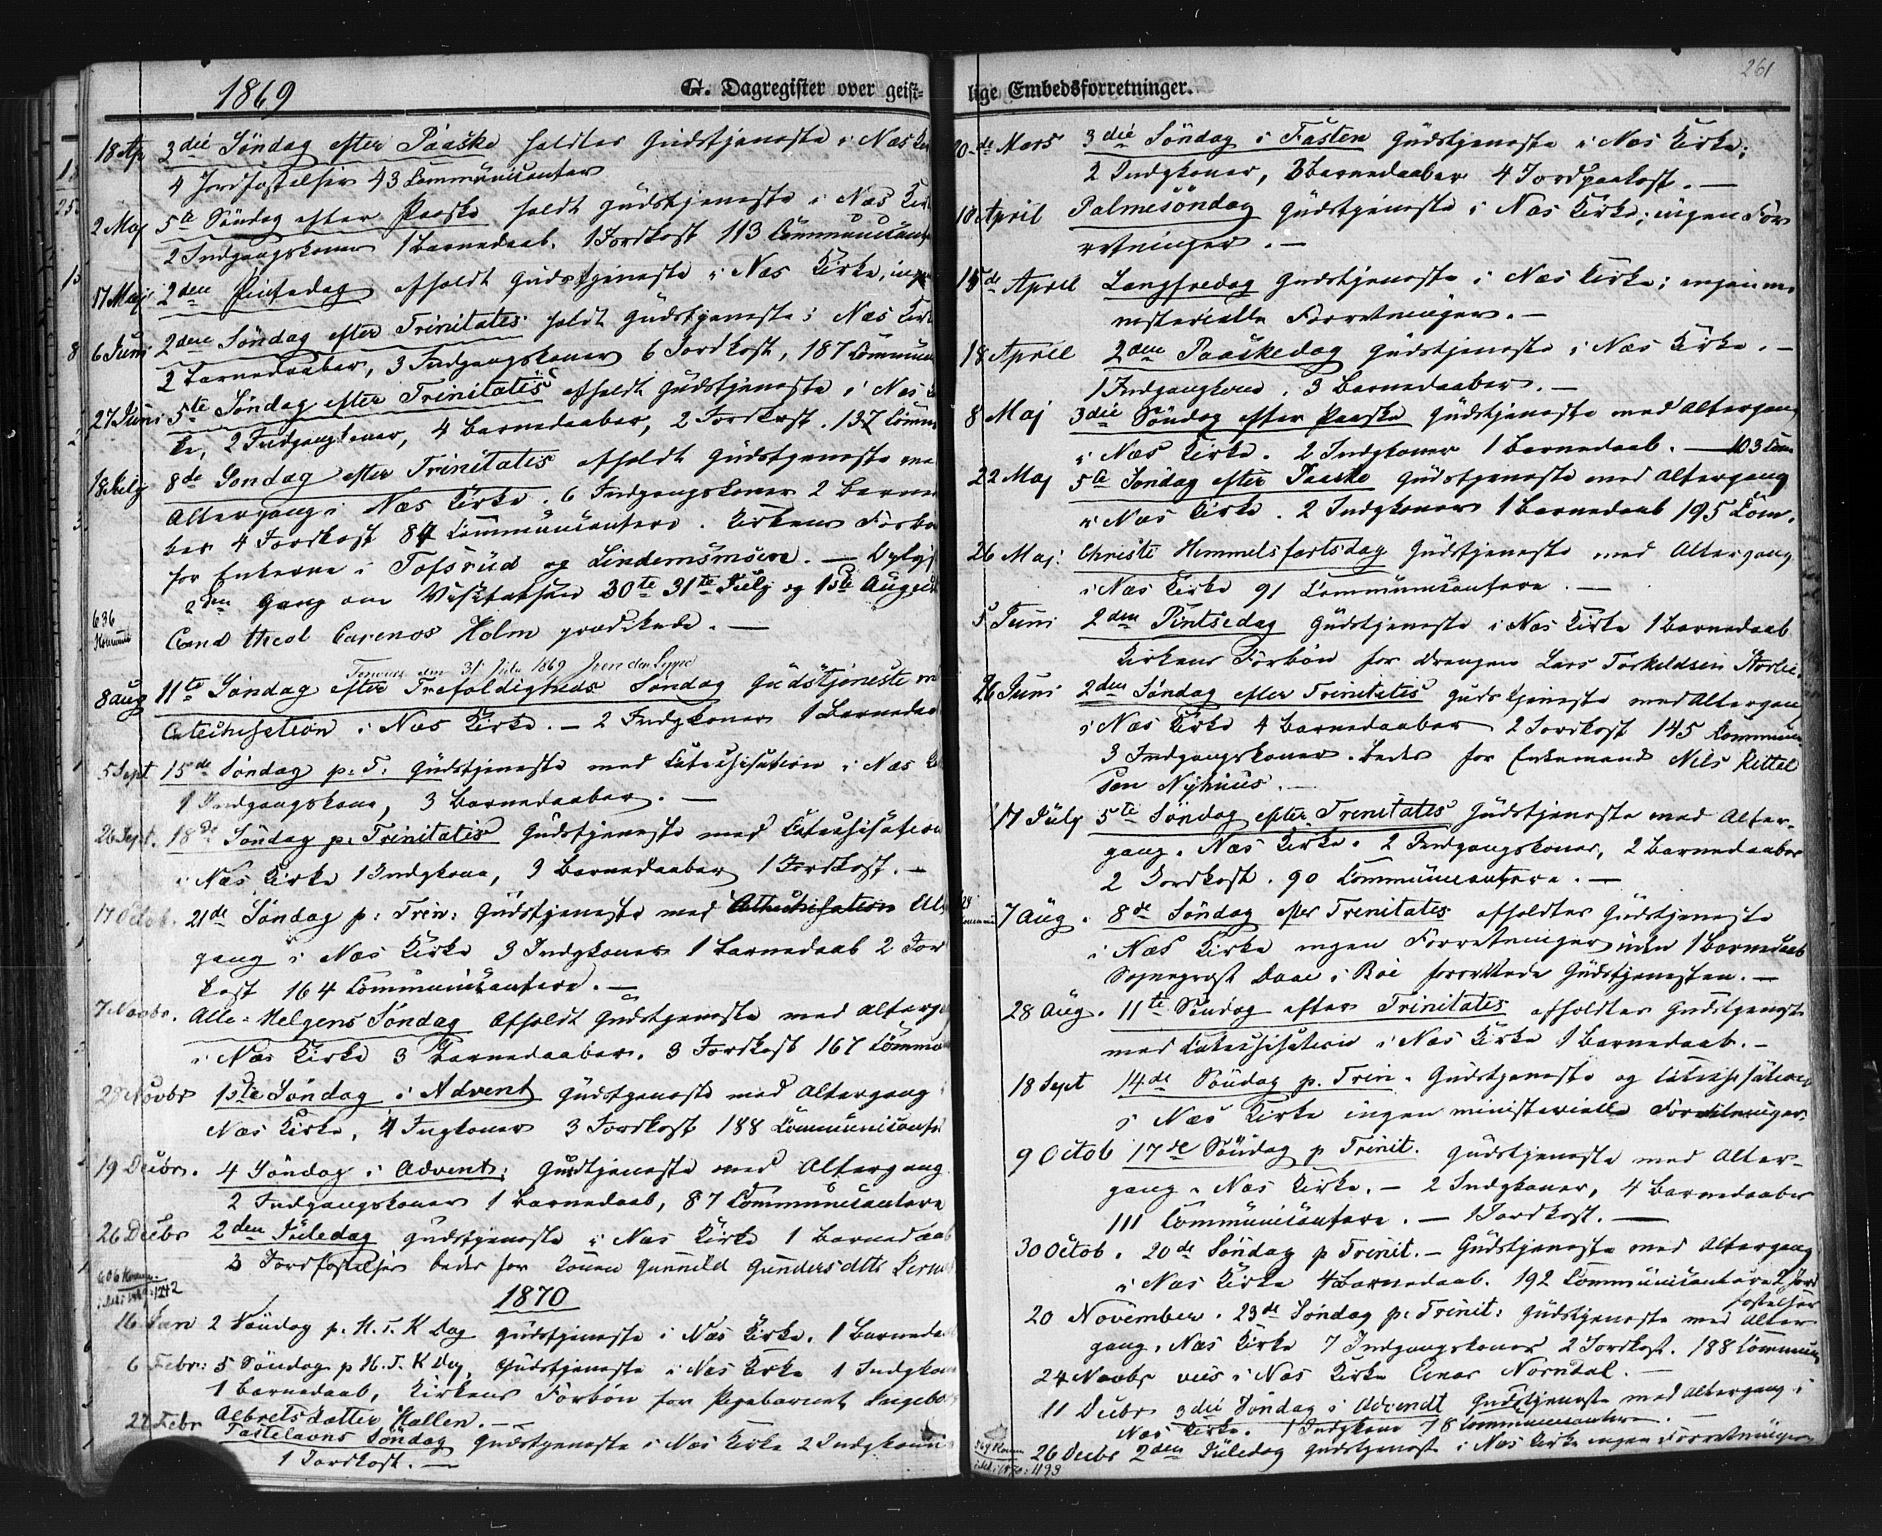 SAKO, Sauherad kirkebøker, F/Fb/L0001: Ministerialbok nr. II 1, 1851-1877, s. 261